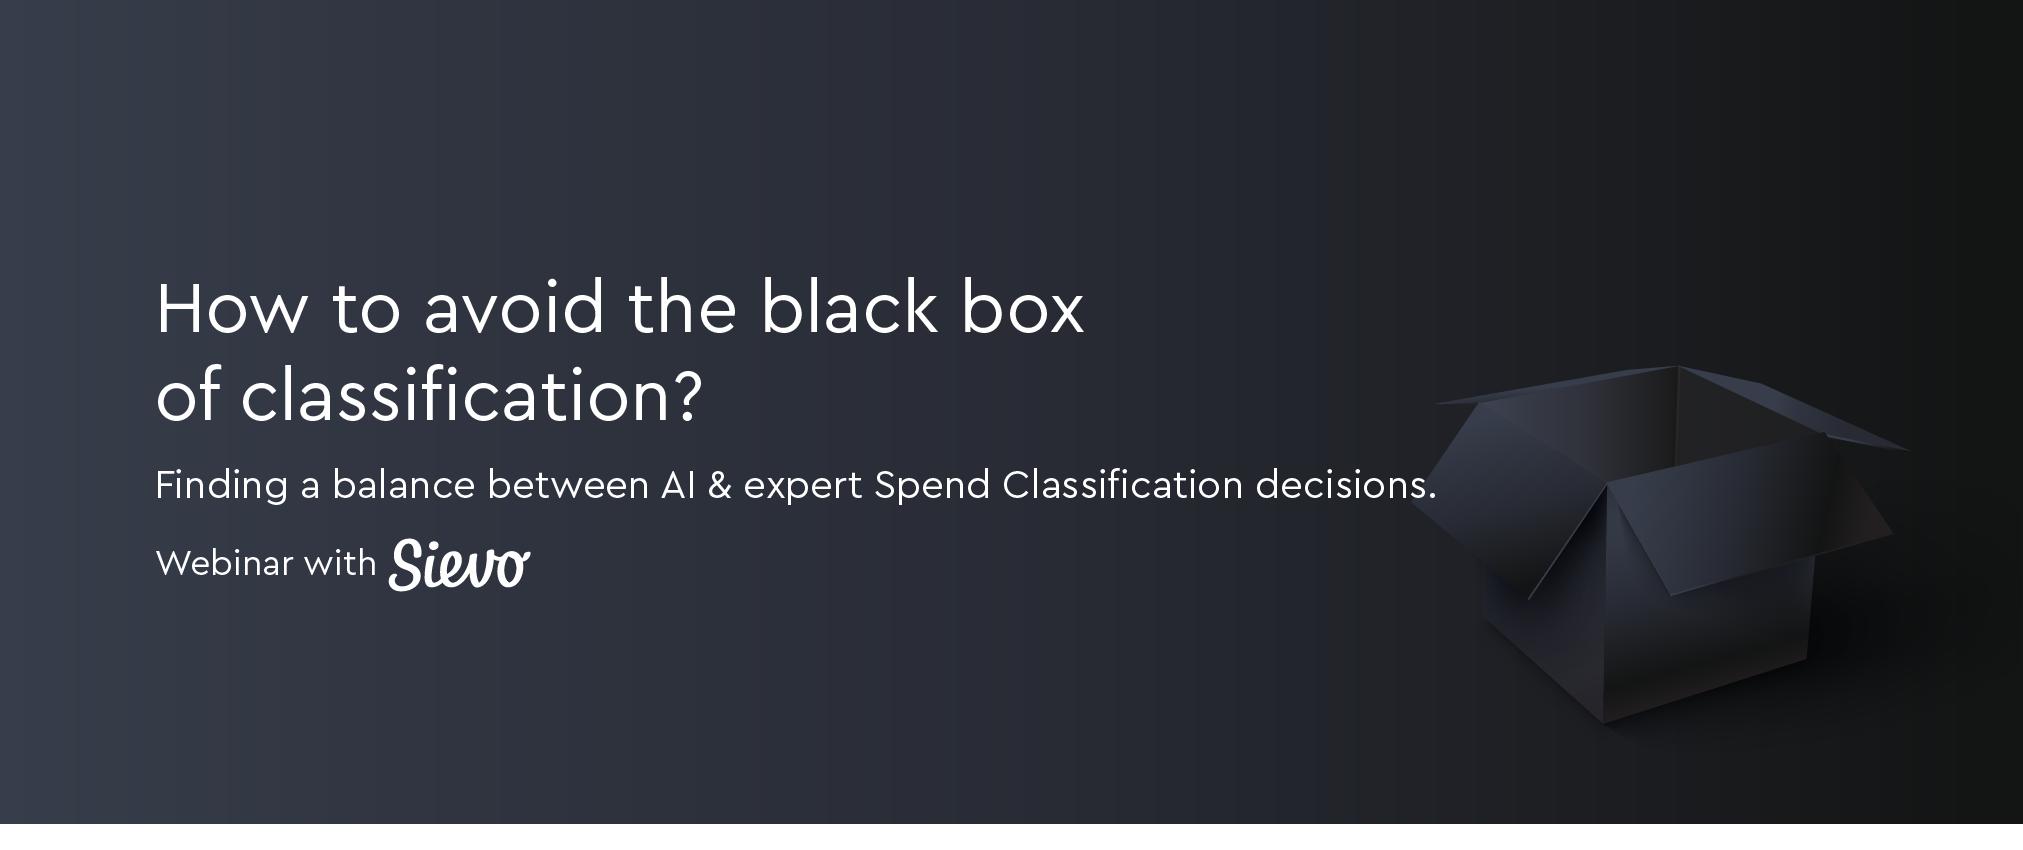 Black box-webinar